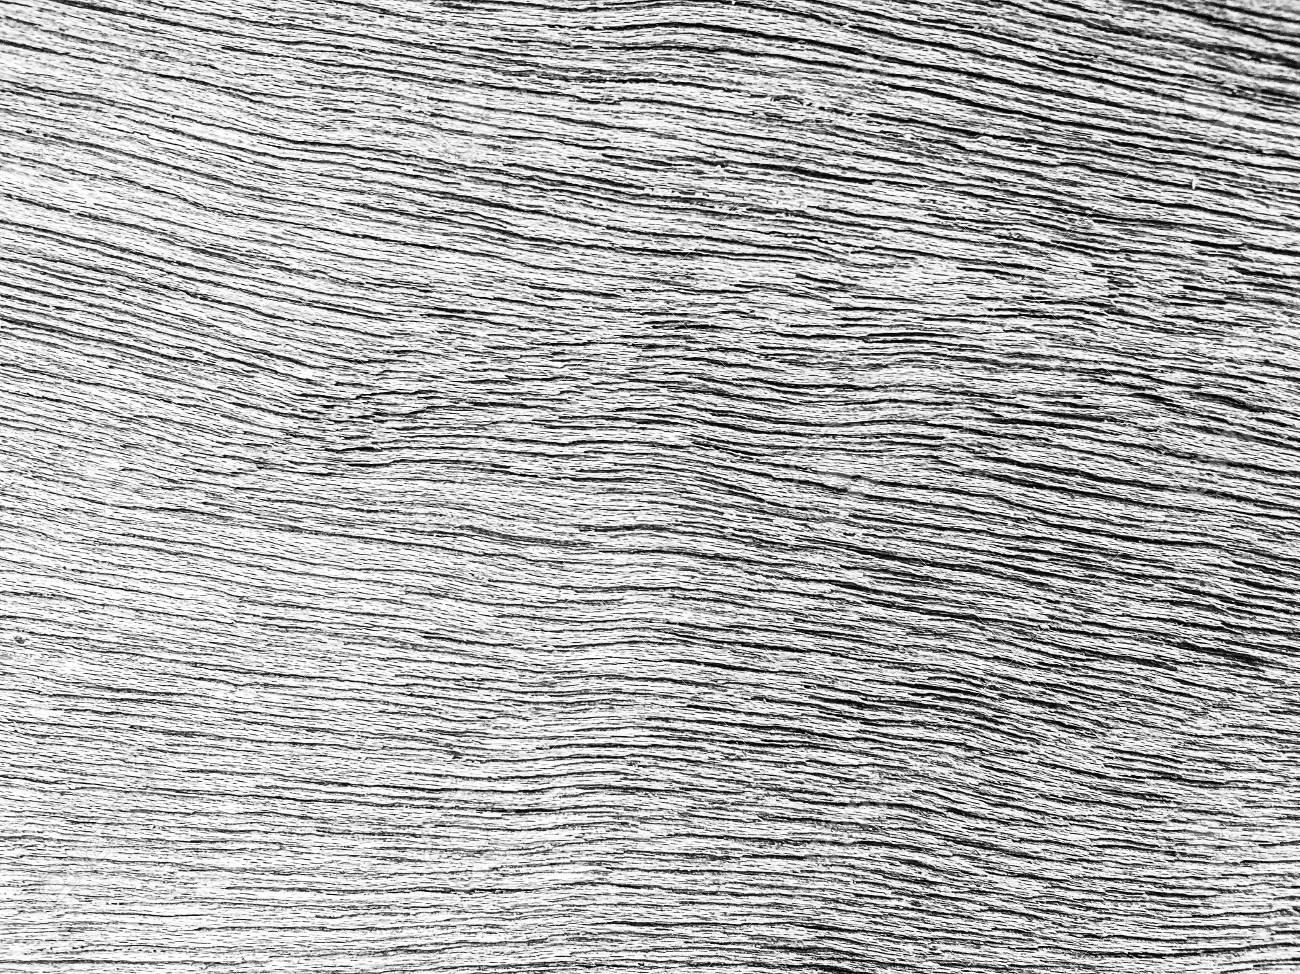 Legno Bianco E Nero : Vecchia struttura di legno in bianco e nero foto royalty free